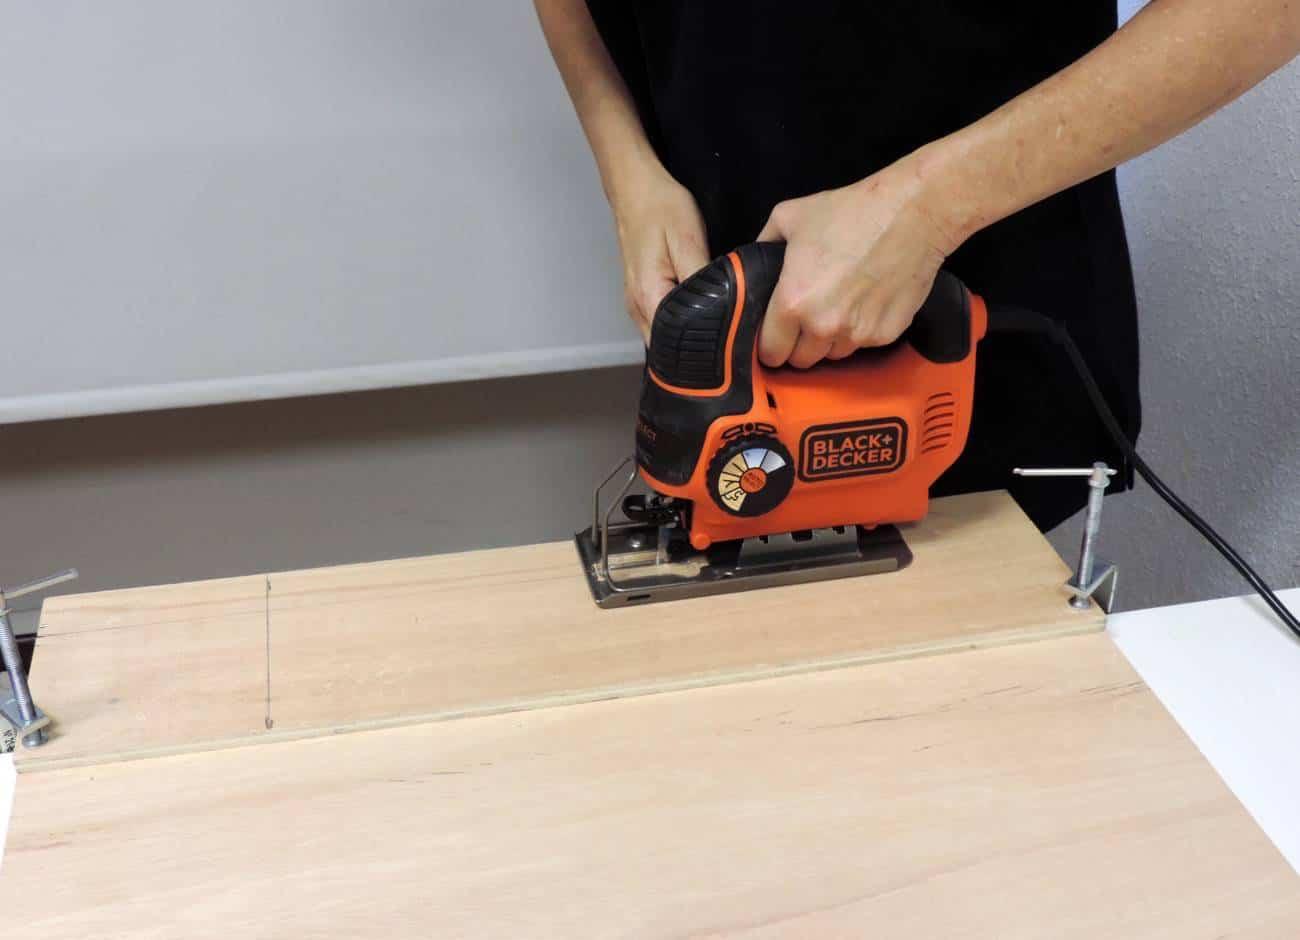 Estanteria para el recibidor - DIY -cortar estanterías 4